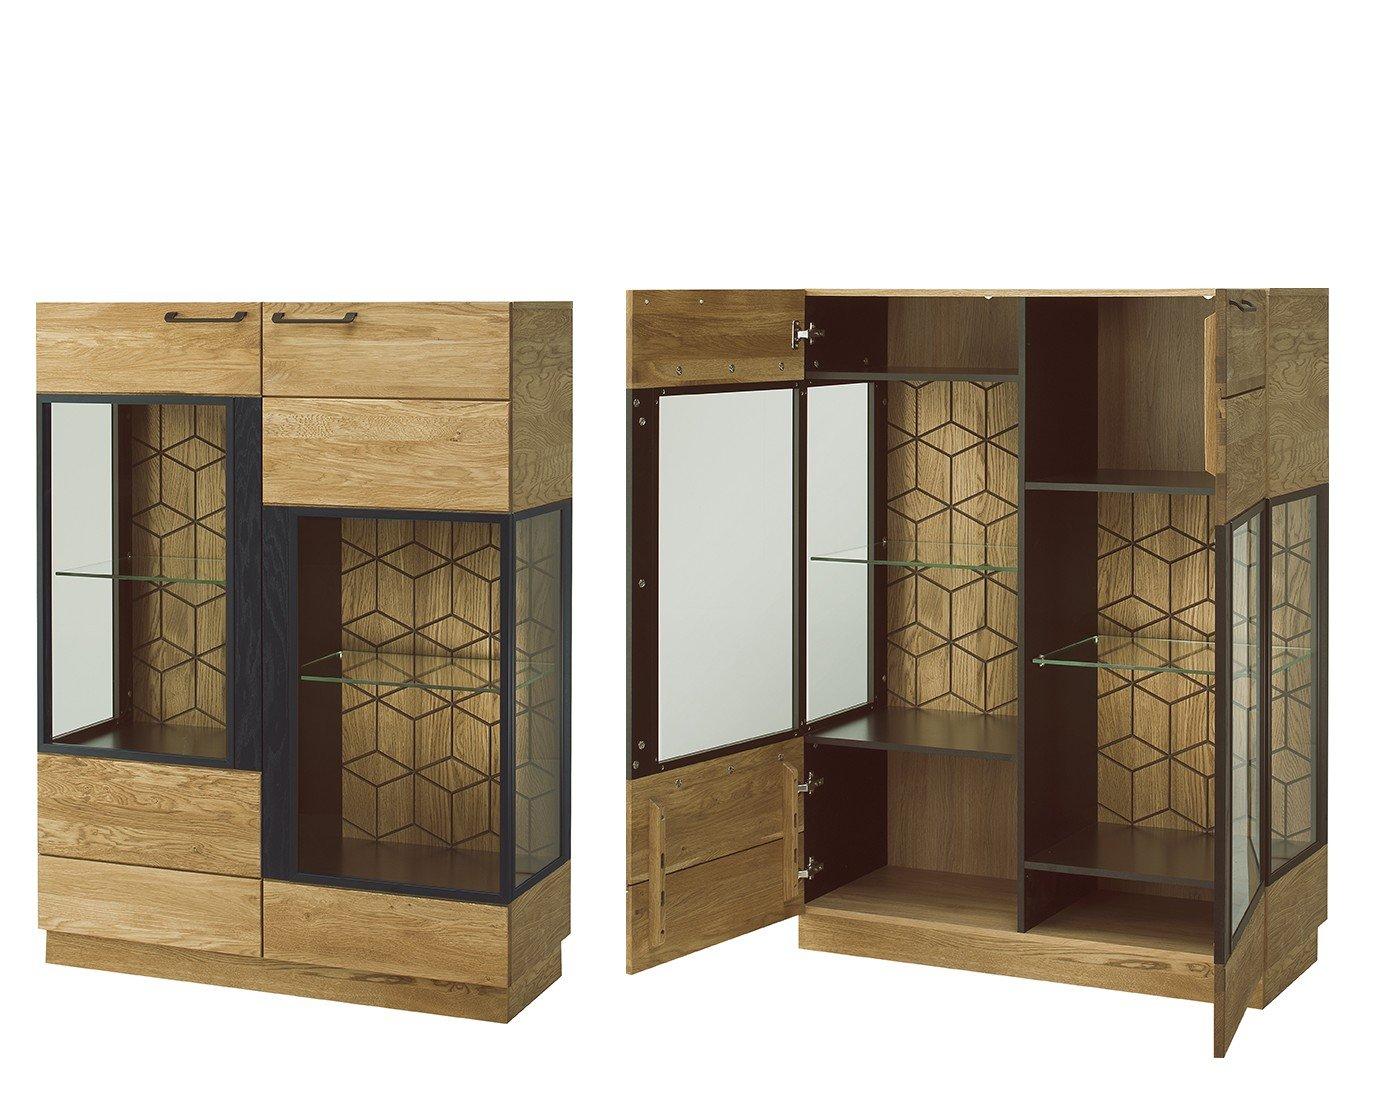 Exquisit Vitrine Küche Galerie Von Vitrinenschrank Mosaic Eiche Massiv Natur Furnier (ohne